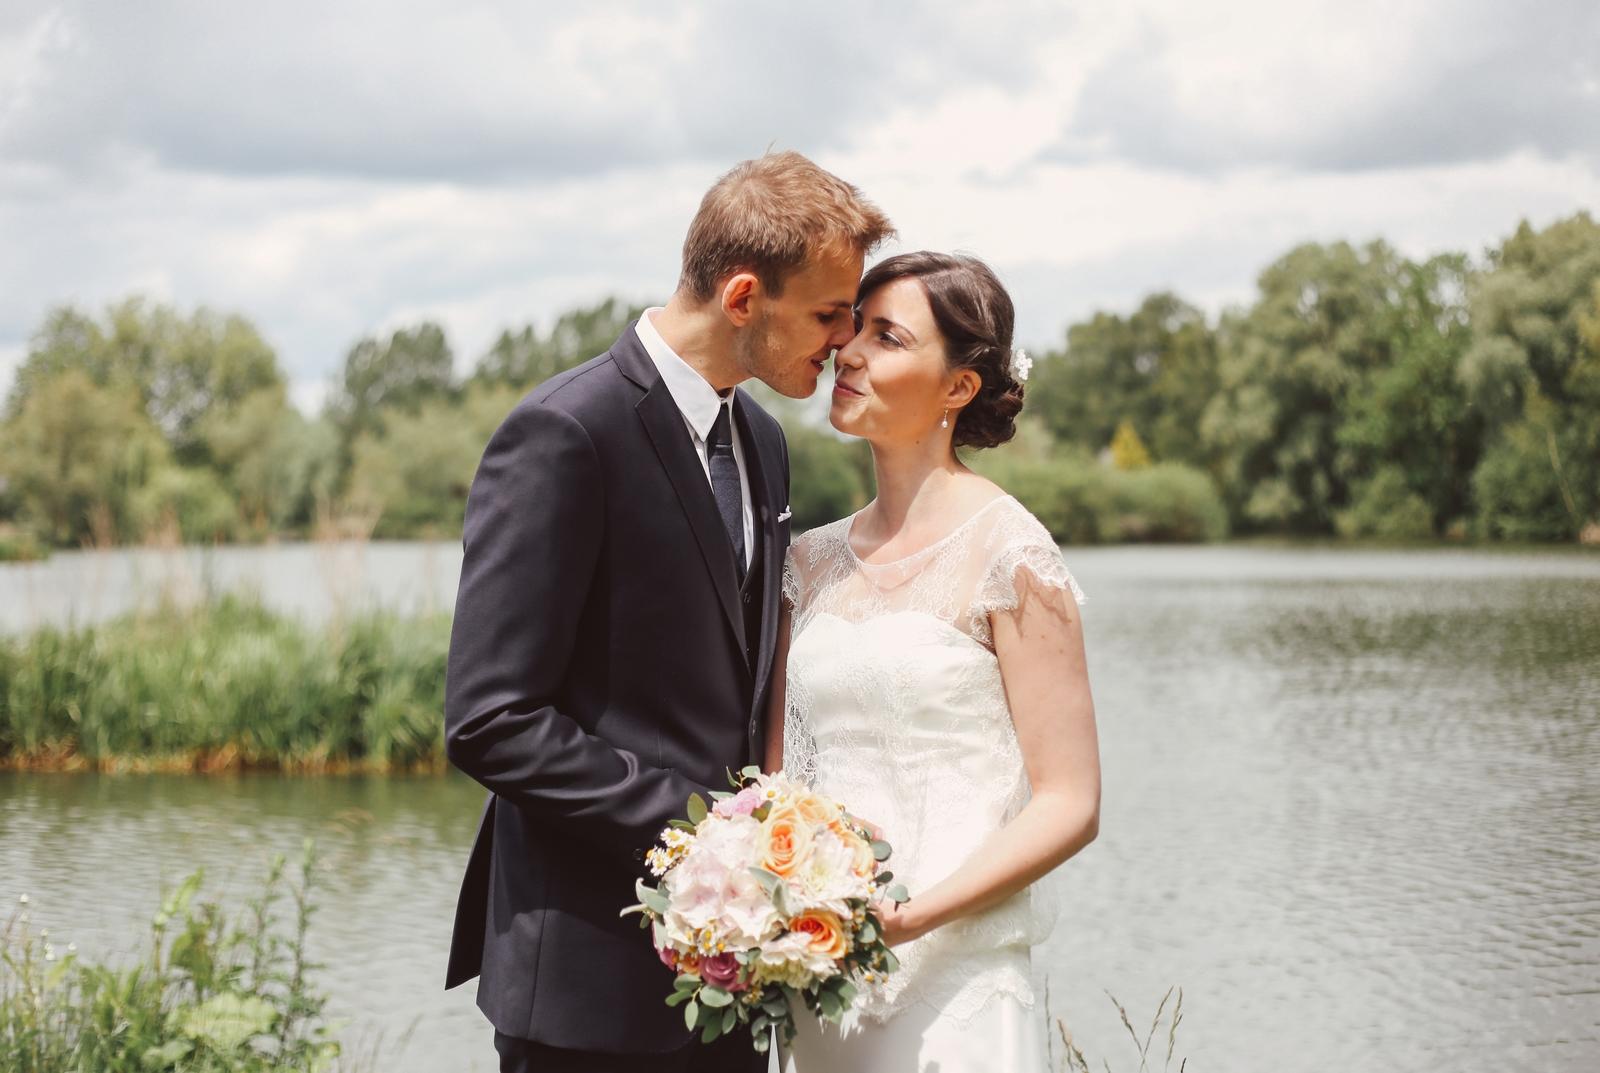 Laura & Fabrice, un joli mariage champêtre près d'Amiens